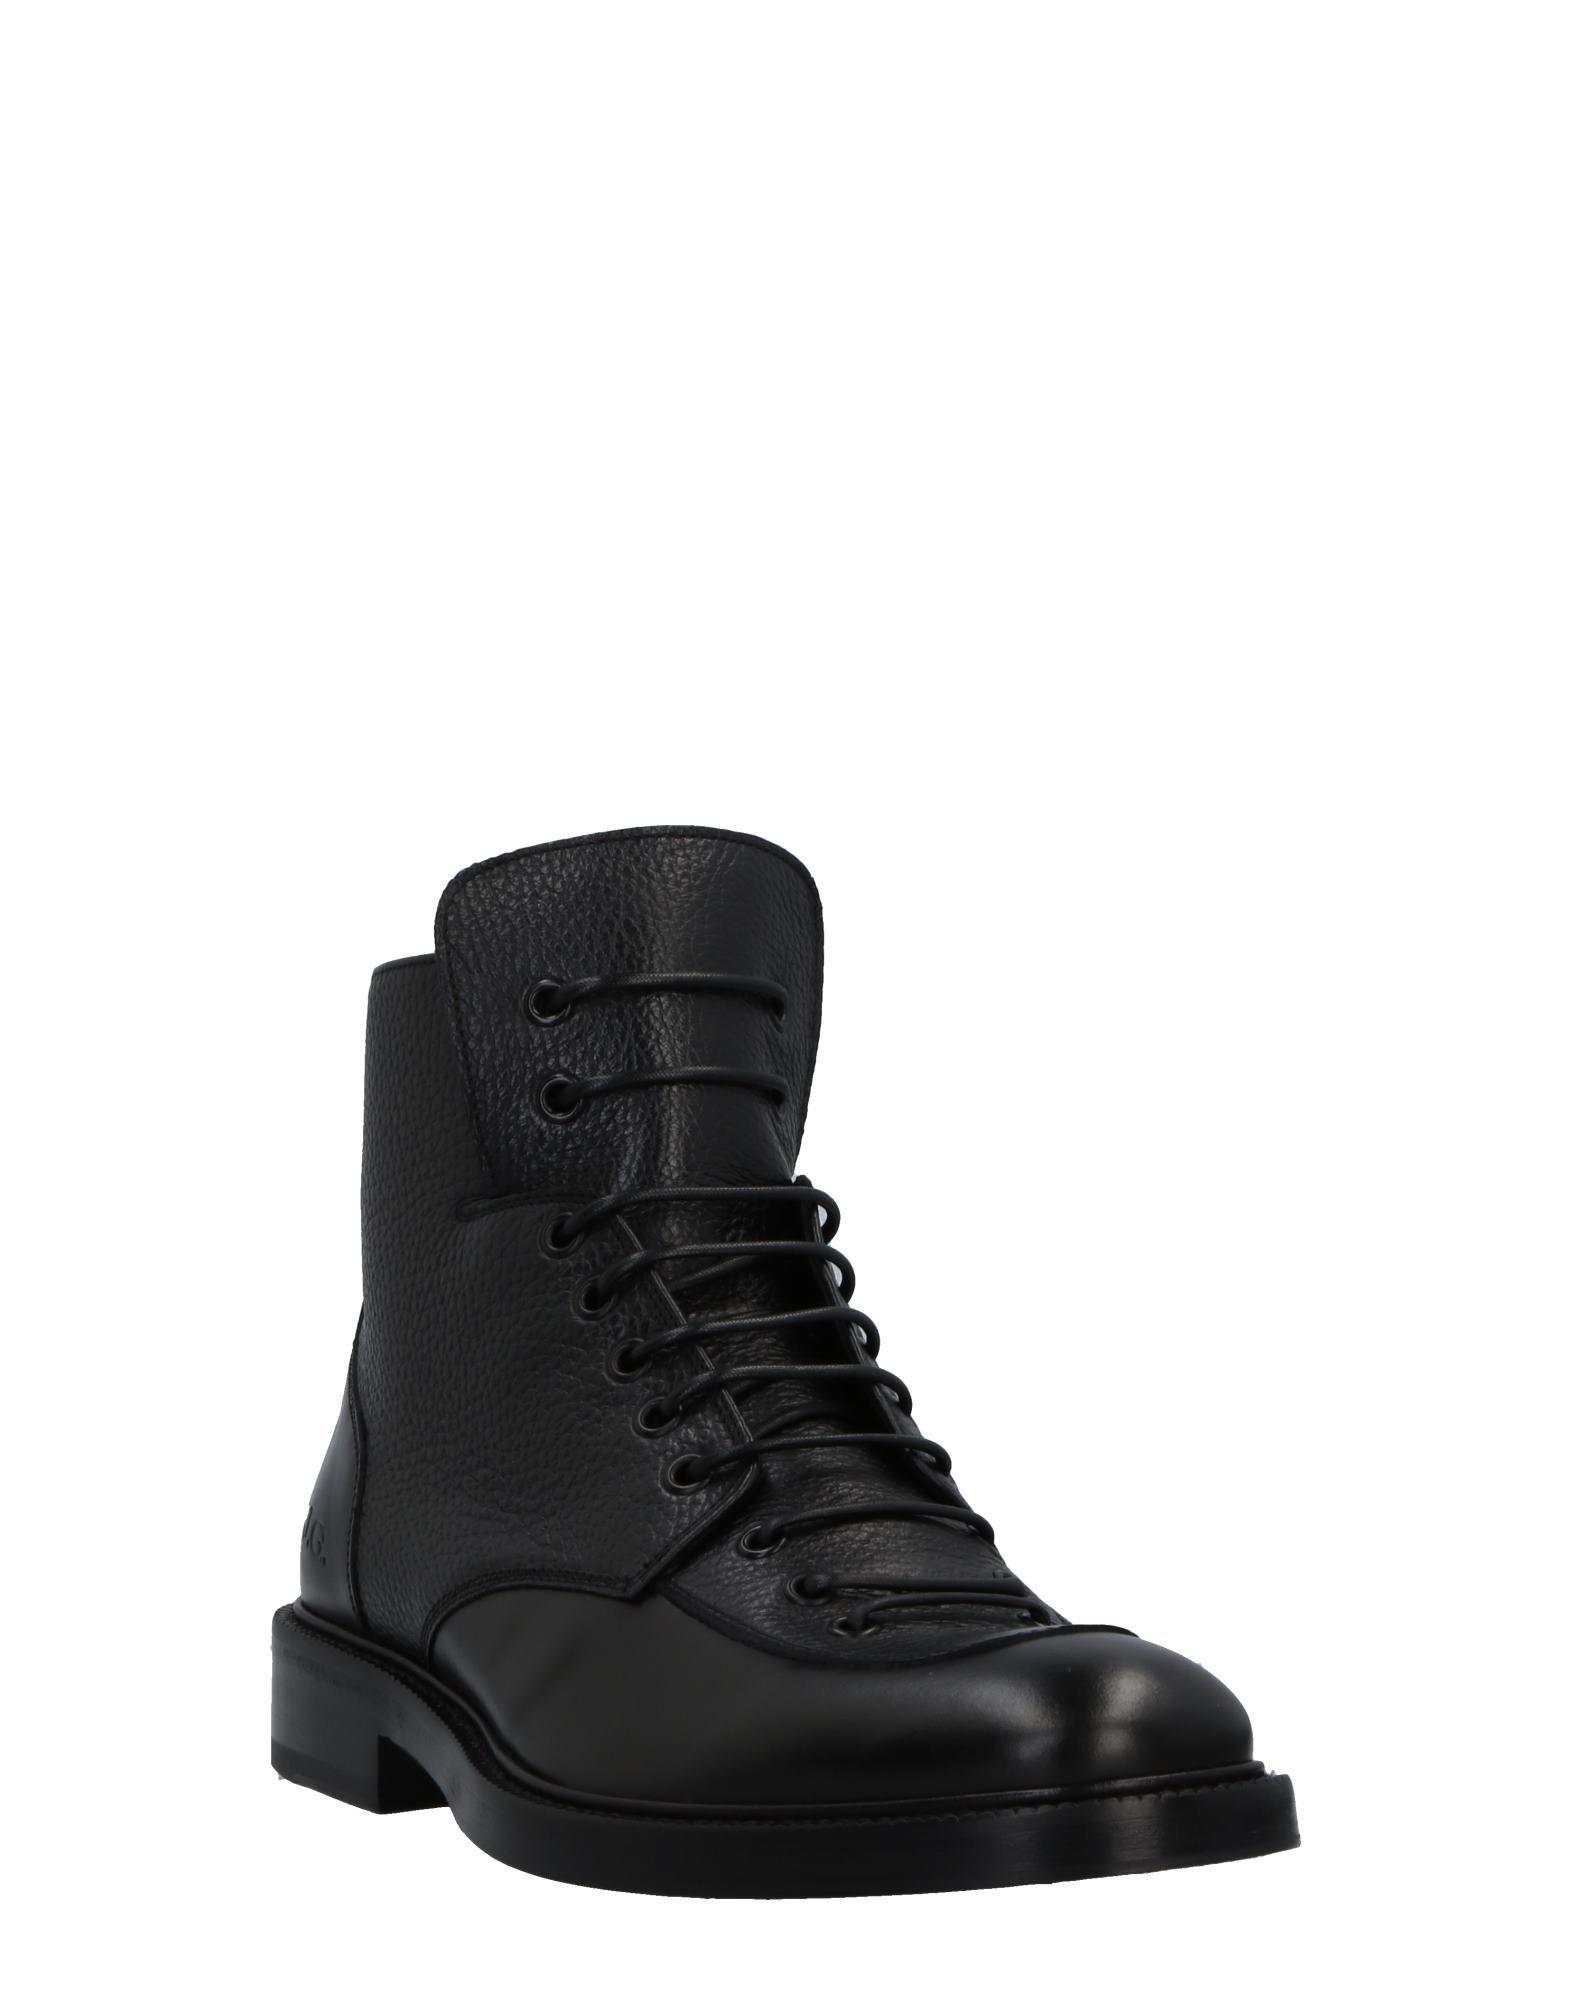 John Galliano Stiefelette Herren  11516581IA Gute Qualität beliebte Schuhe